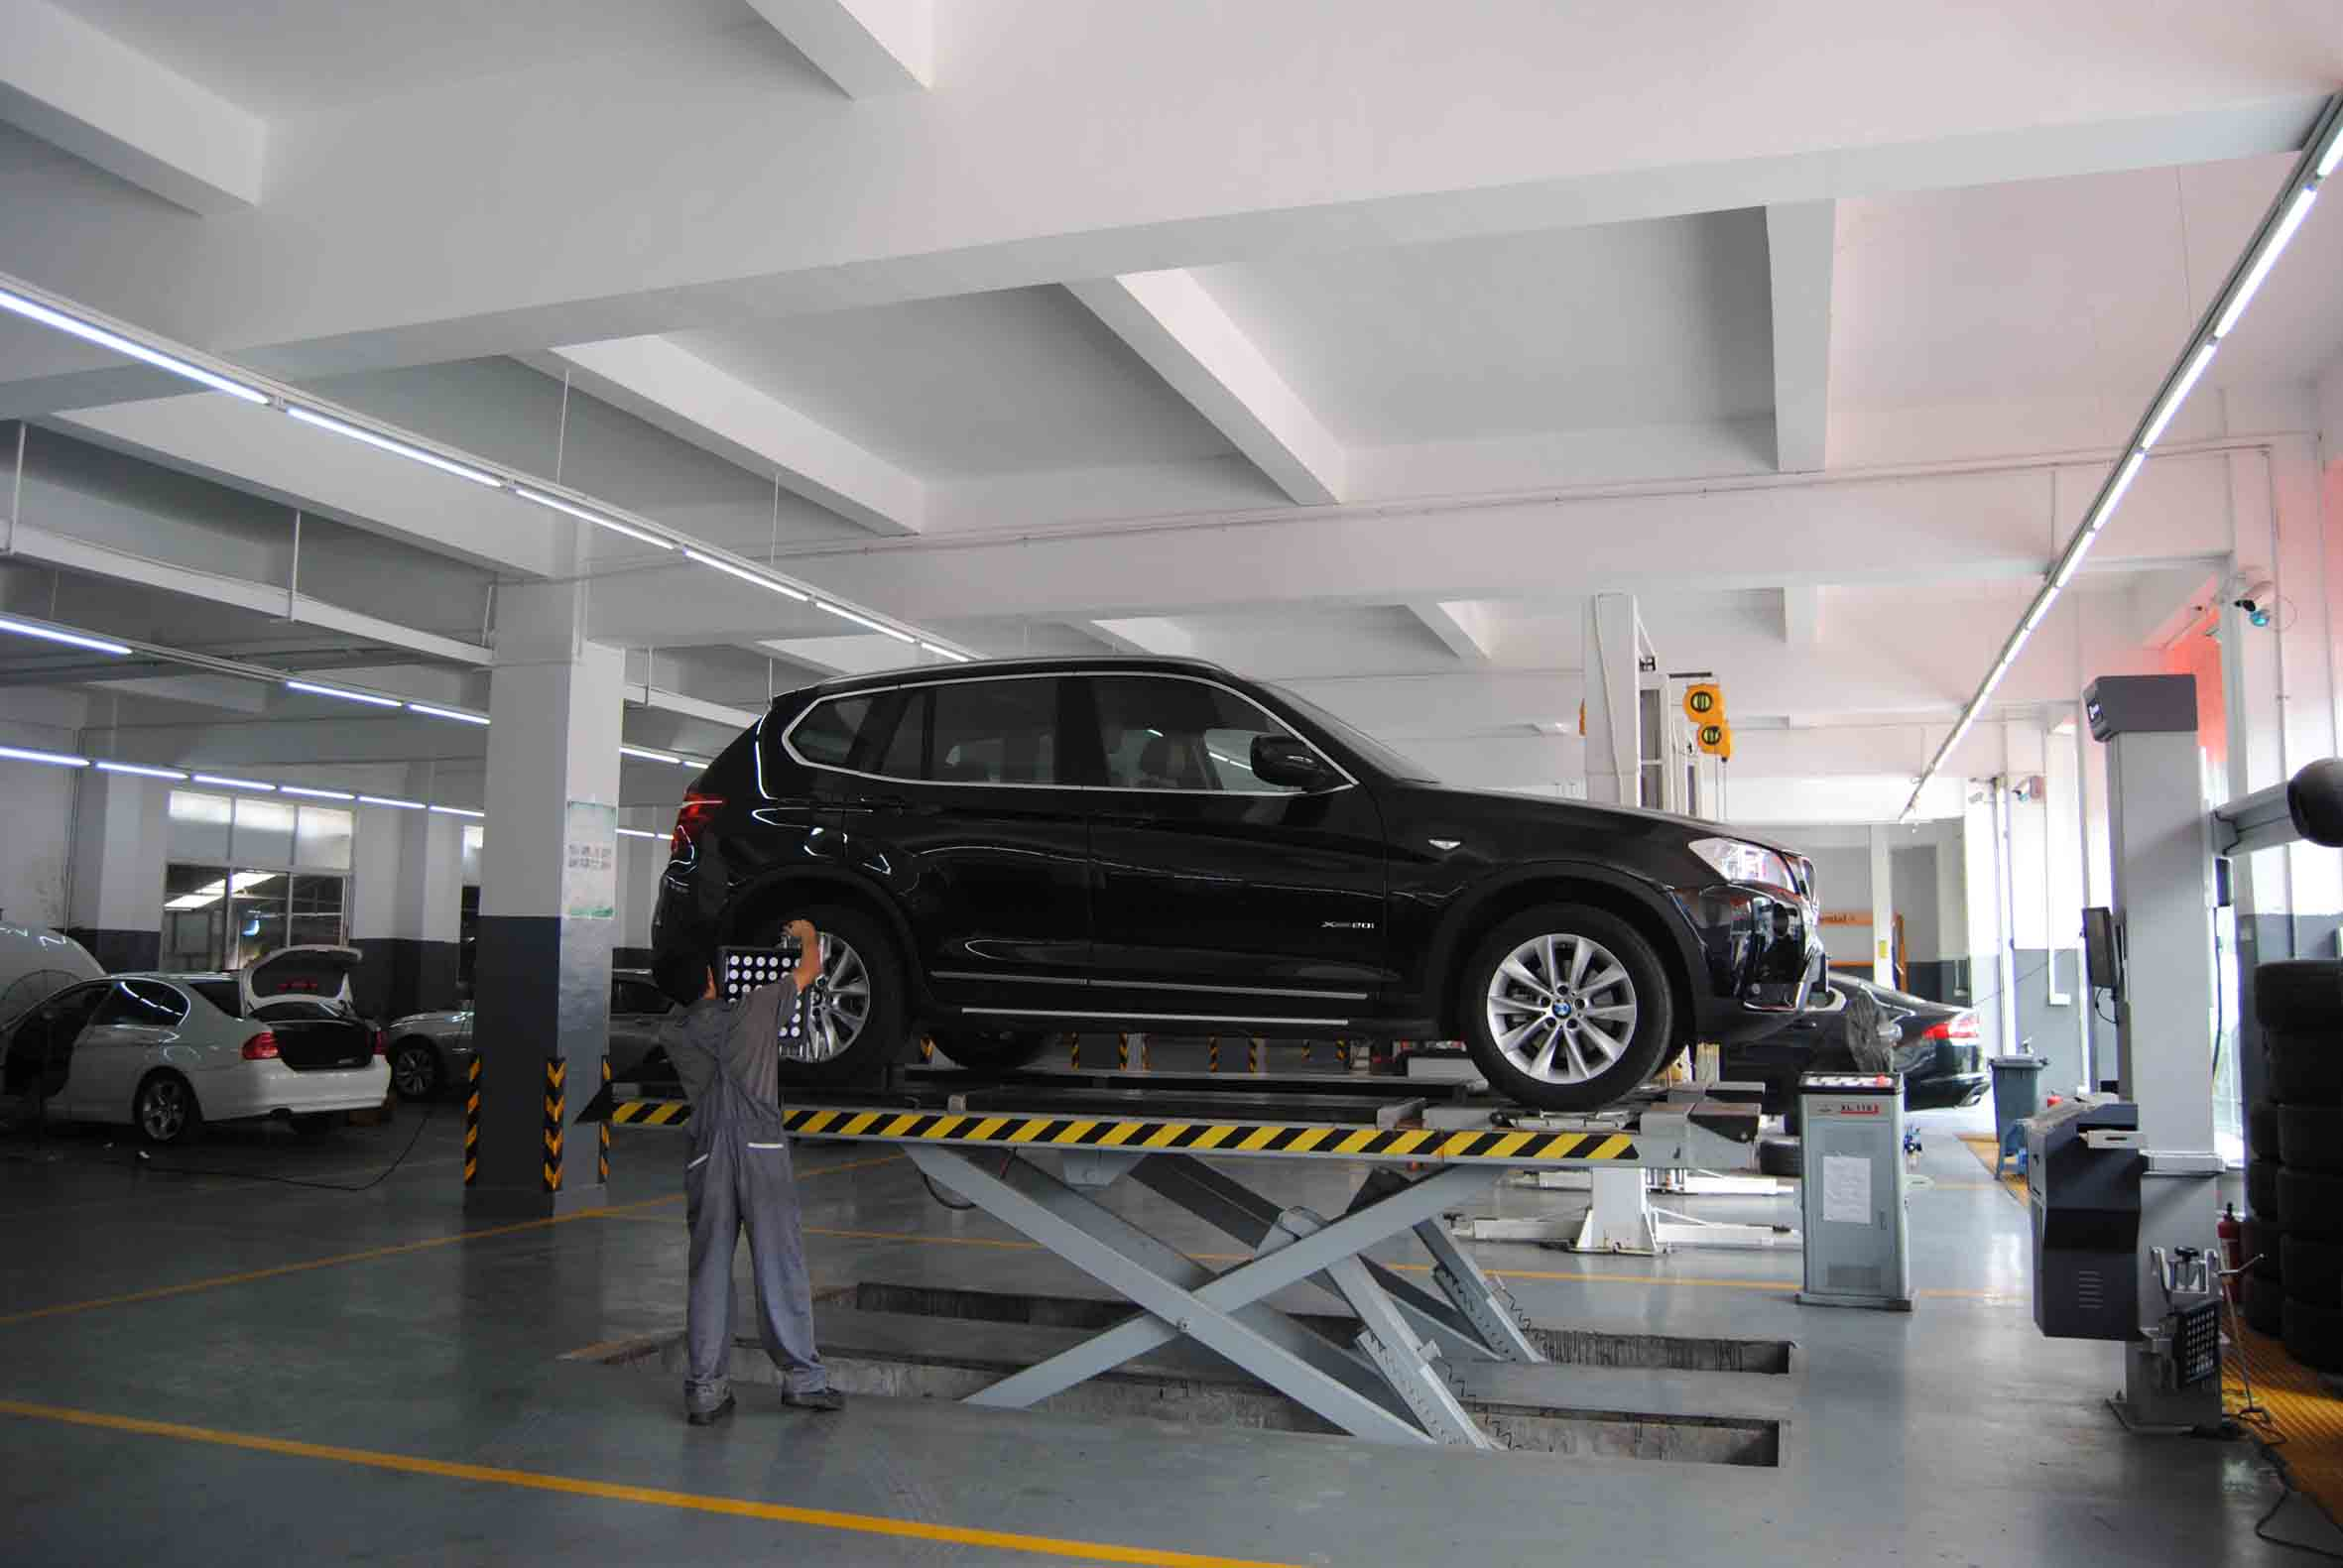 陳江汽車升級改裝-汽車升級改裝當然到正航汽車維修